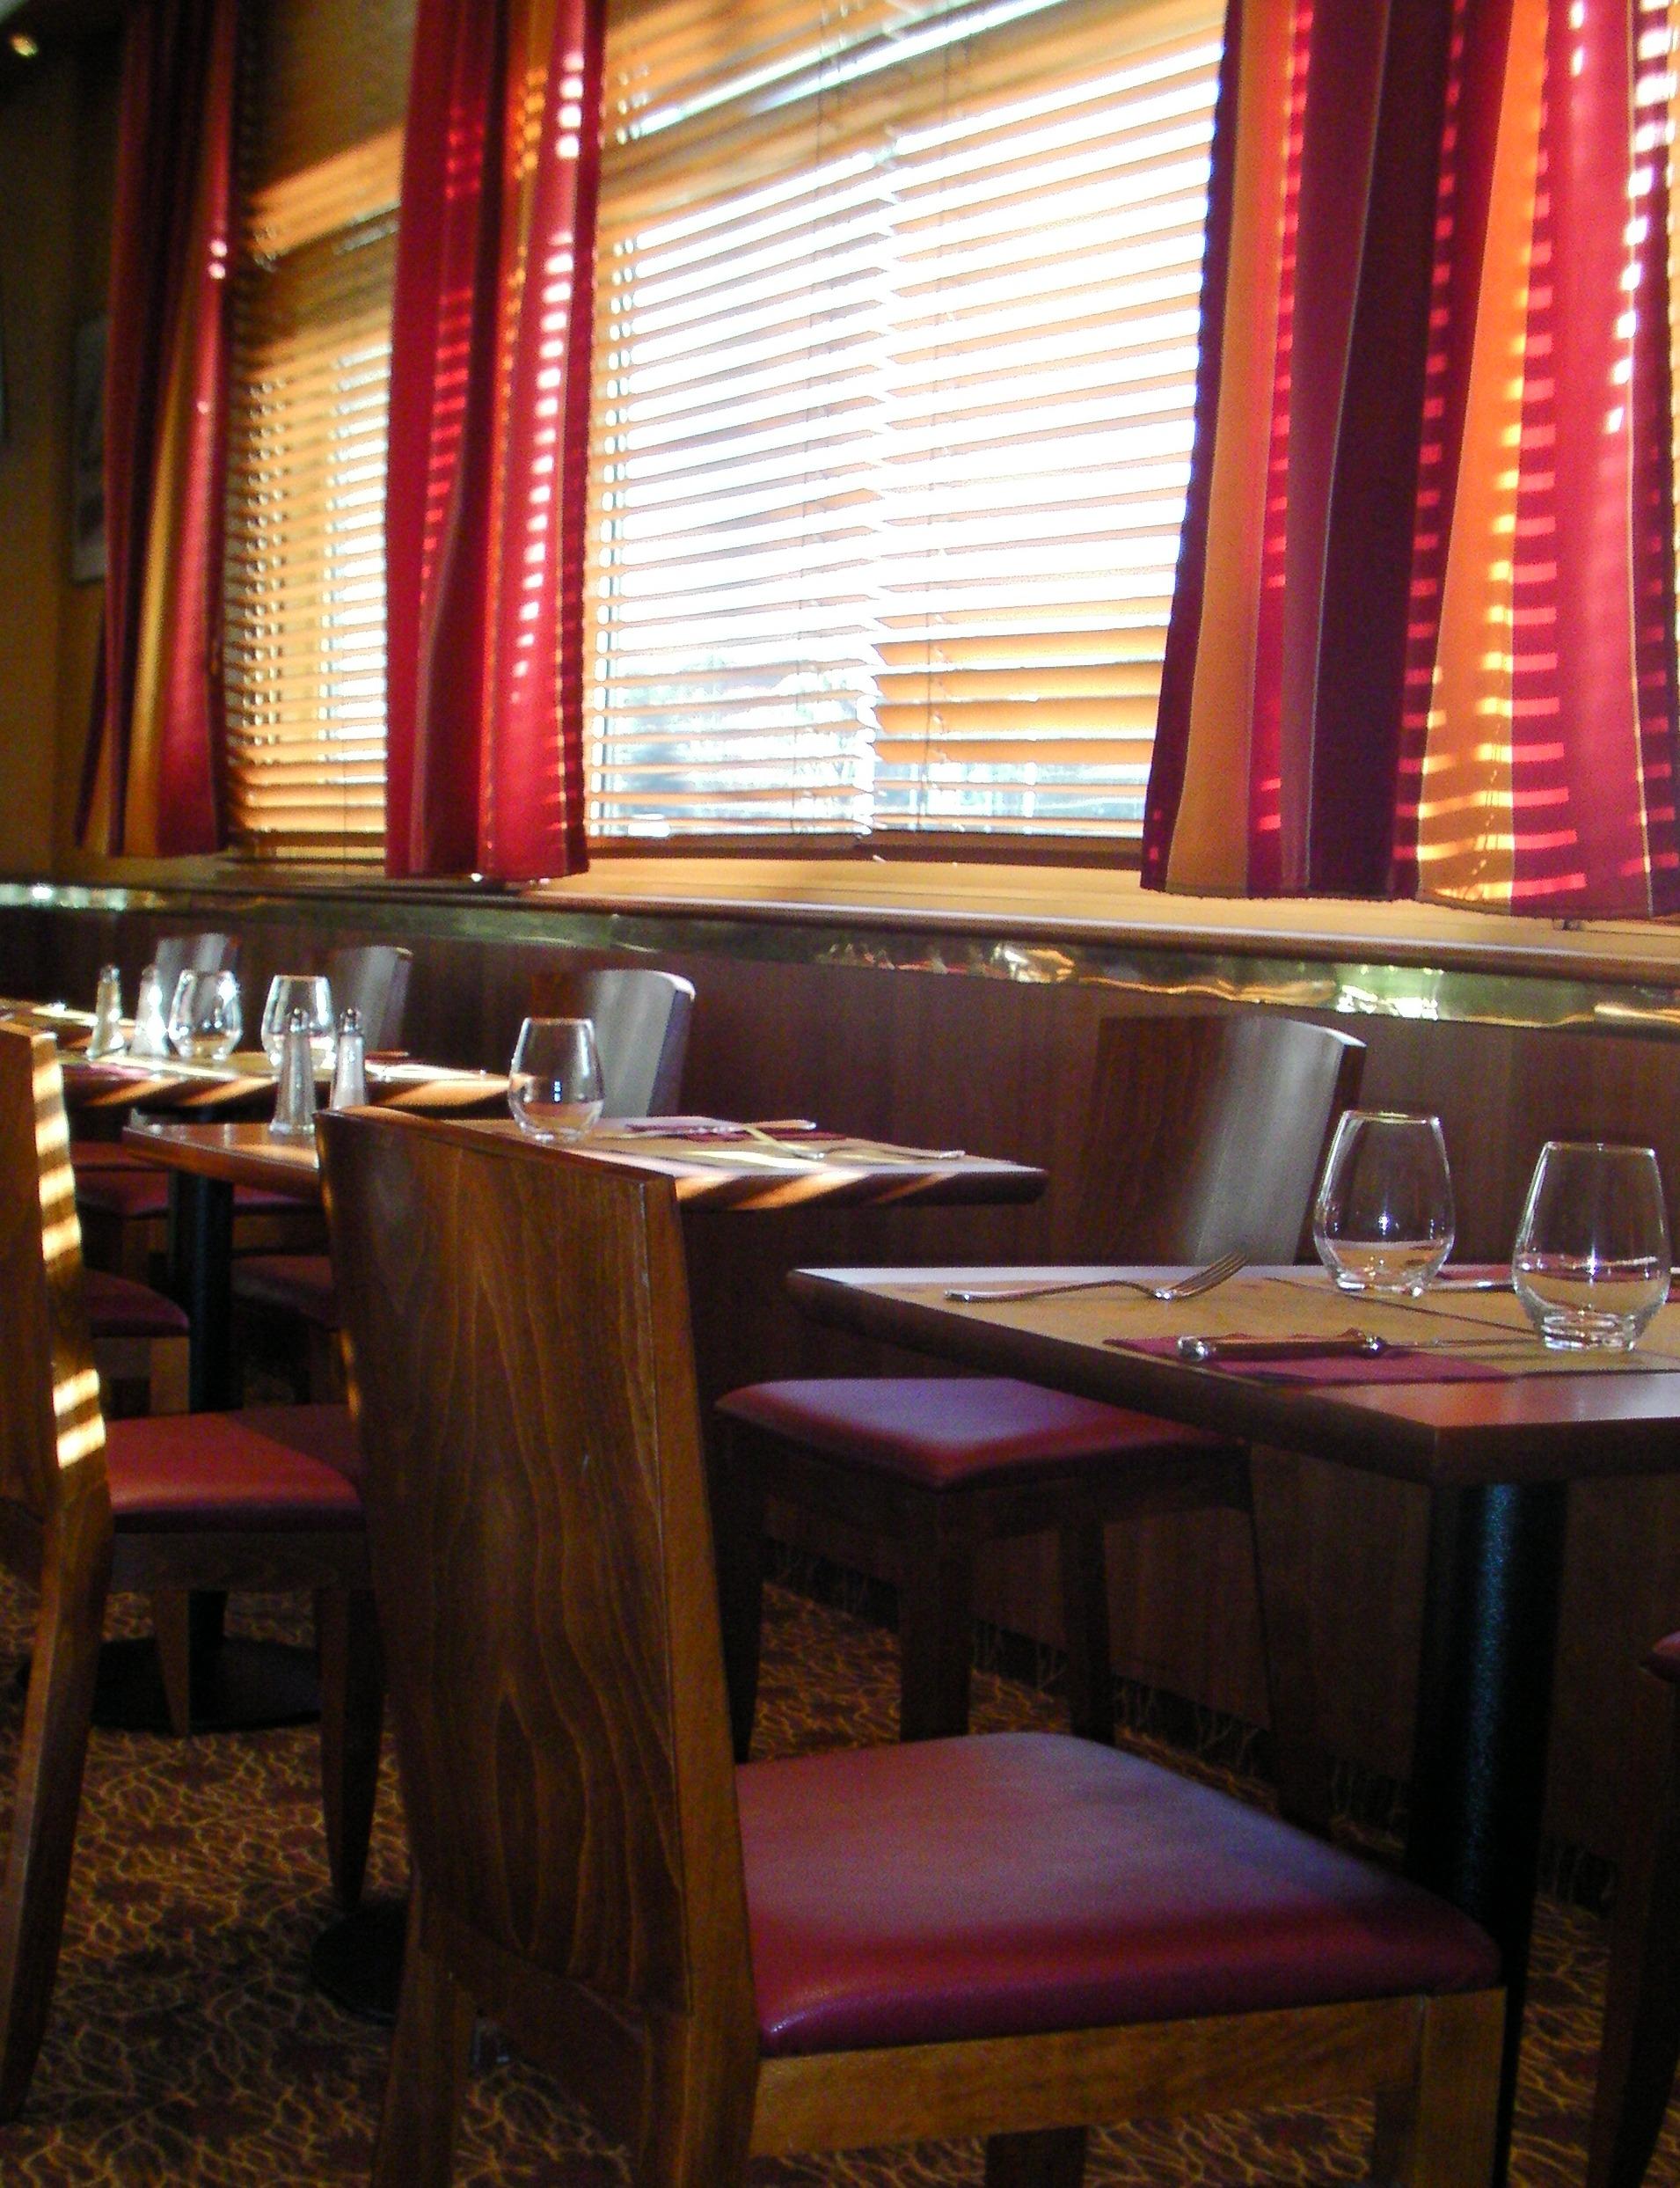 Mobilier salle petit dejeuner hotel for Ambiance tables et chaises reims